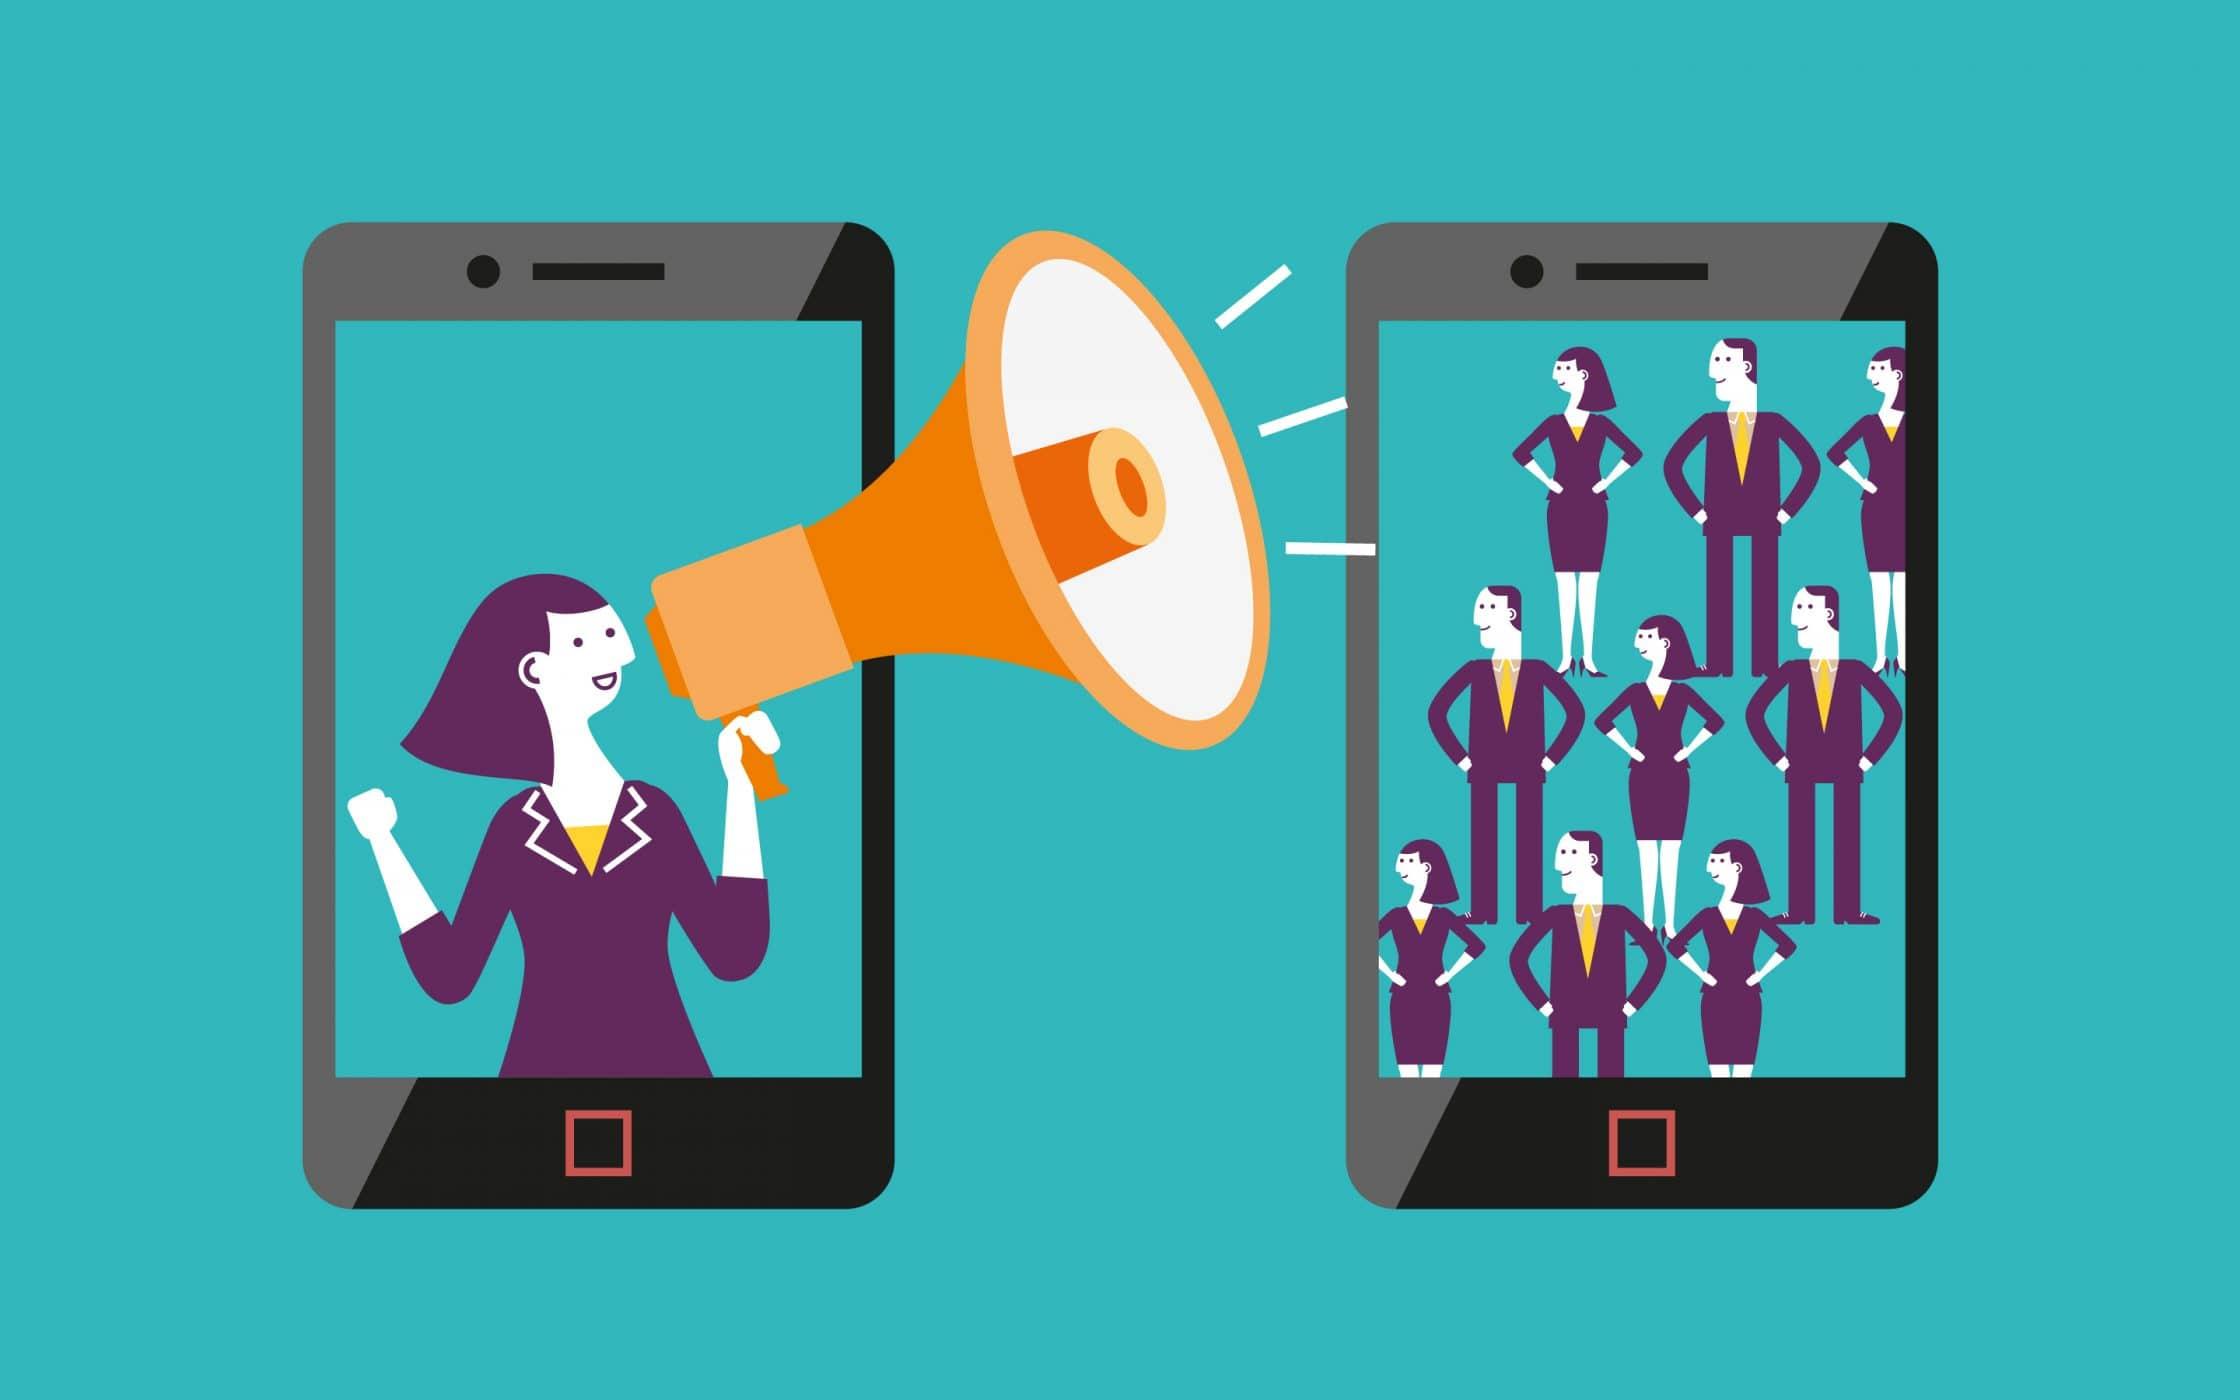 کسب و کار در فضای دیجیتال